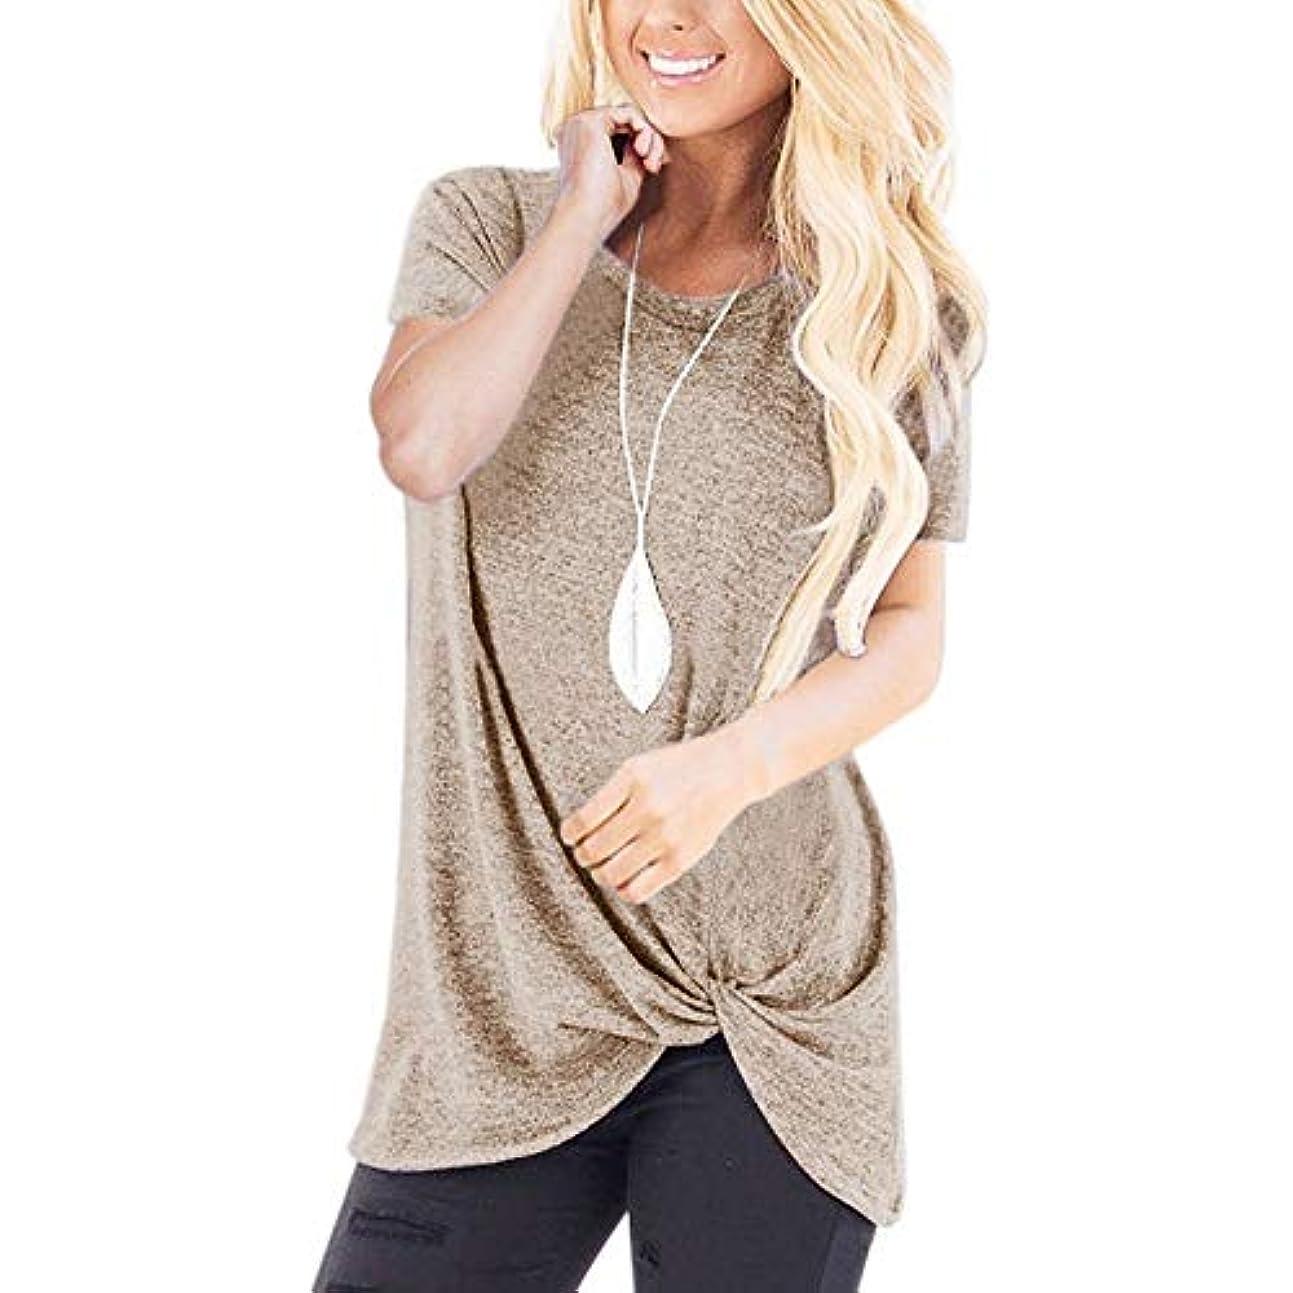 かき混ぜる焦がすクラシックMIFAN コットンTシャツ、カジュアルTシャツ、レディースブラウス、トップス&Tシャツ、プラスサイズ、ルーズtシャツ